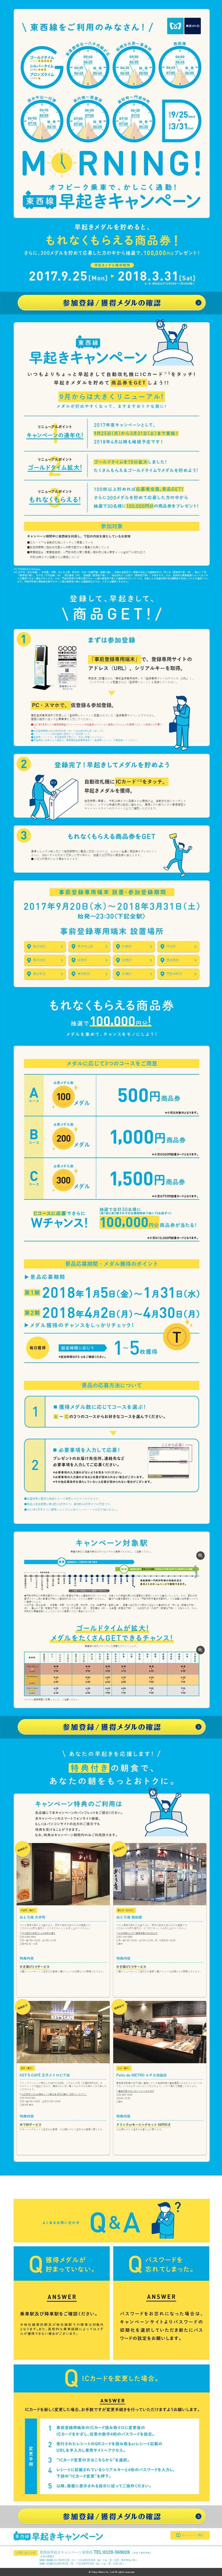 東京地下鉄株式会社様の「東西線早起きキャンペーン」のランディングページ(LP)シンプル系 サービス・保険・金融 #LP #ランディングページ #ランペ #東西線早起きキャンペーン